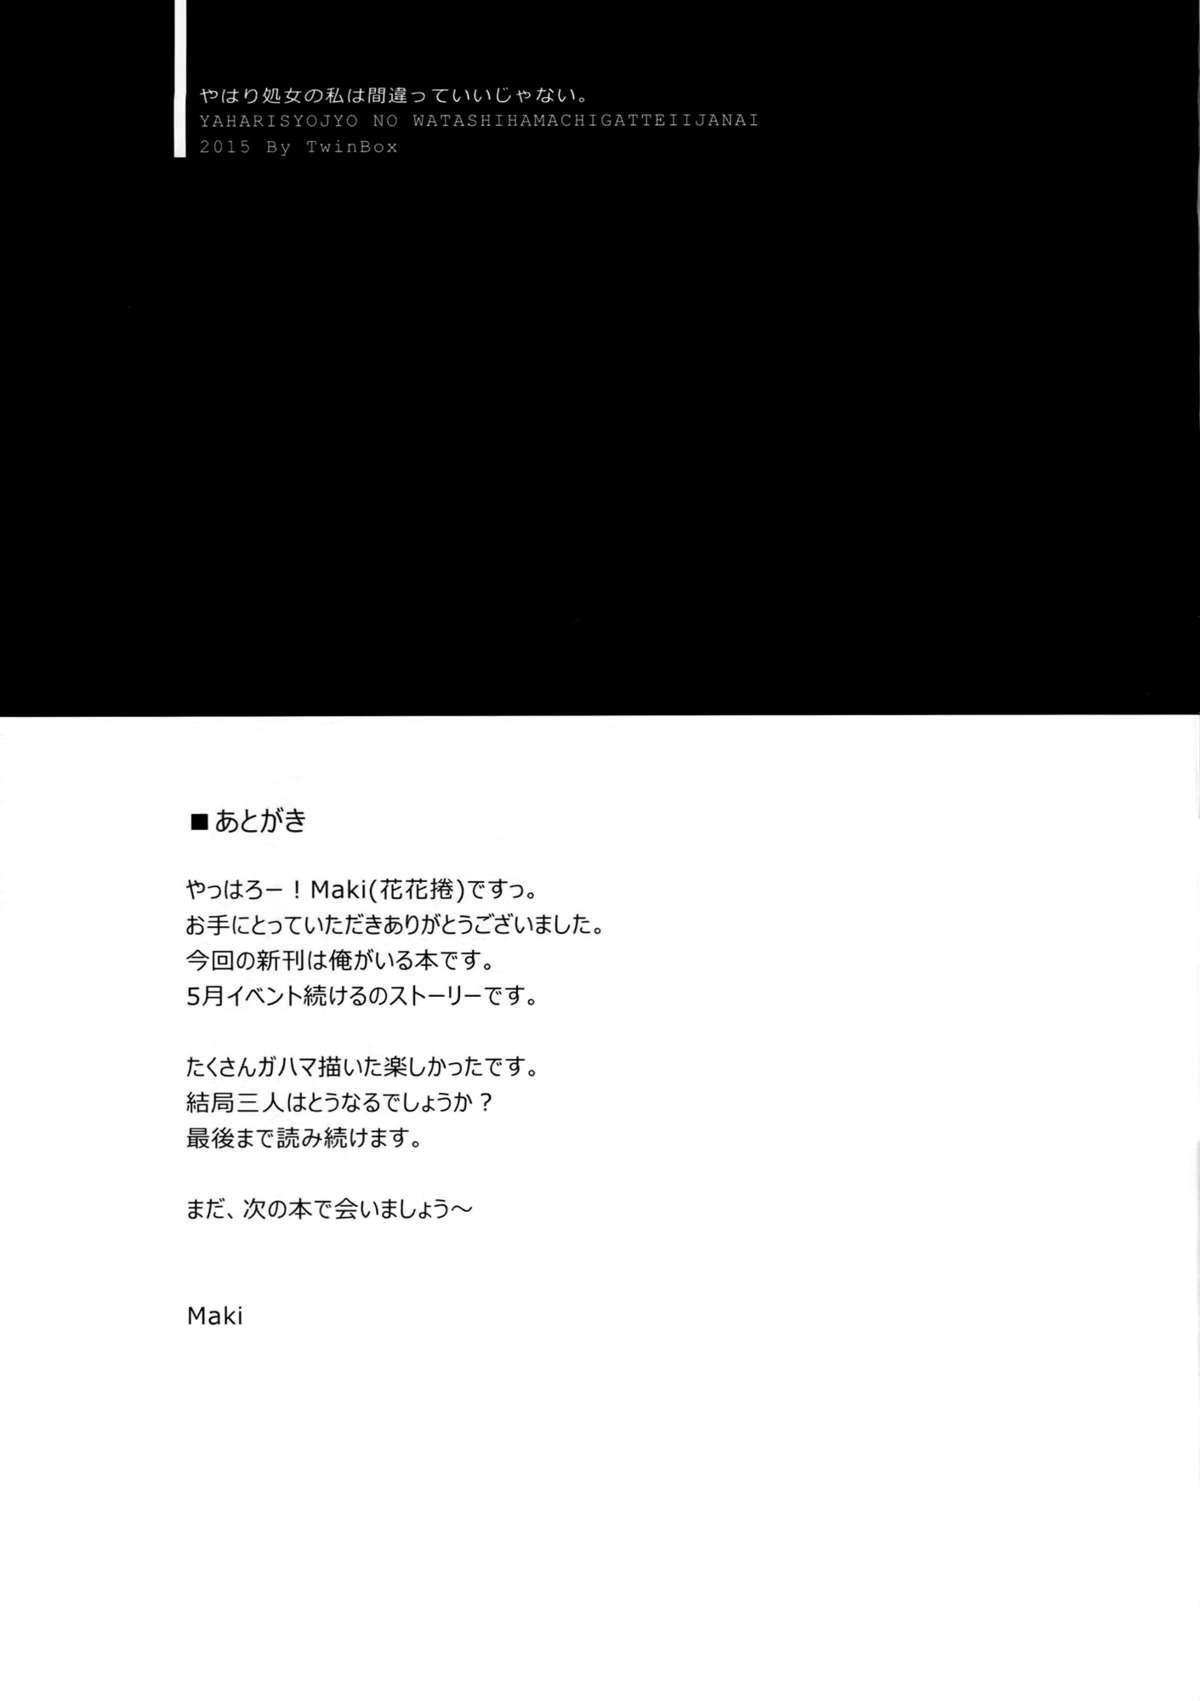 Yahari Shojo no Watashi wa Machigatte Ii janai. 14